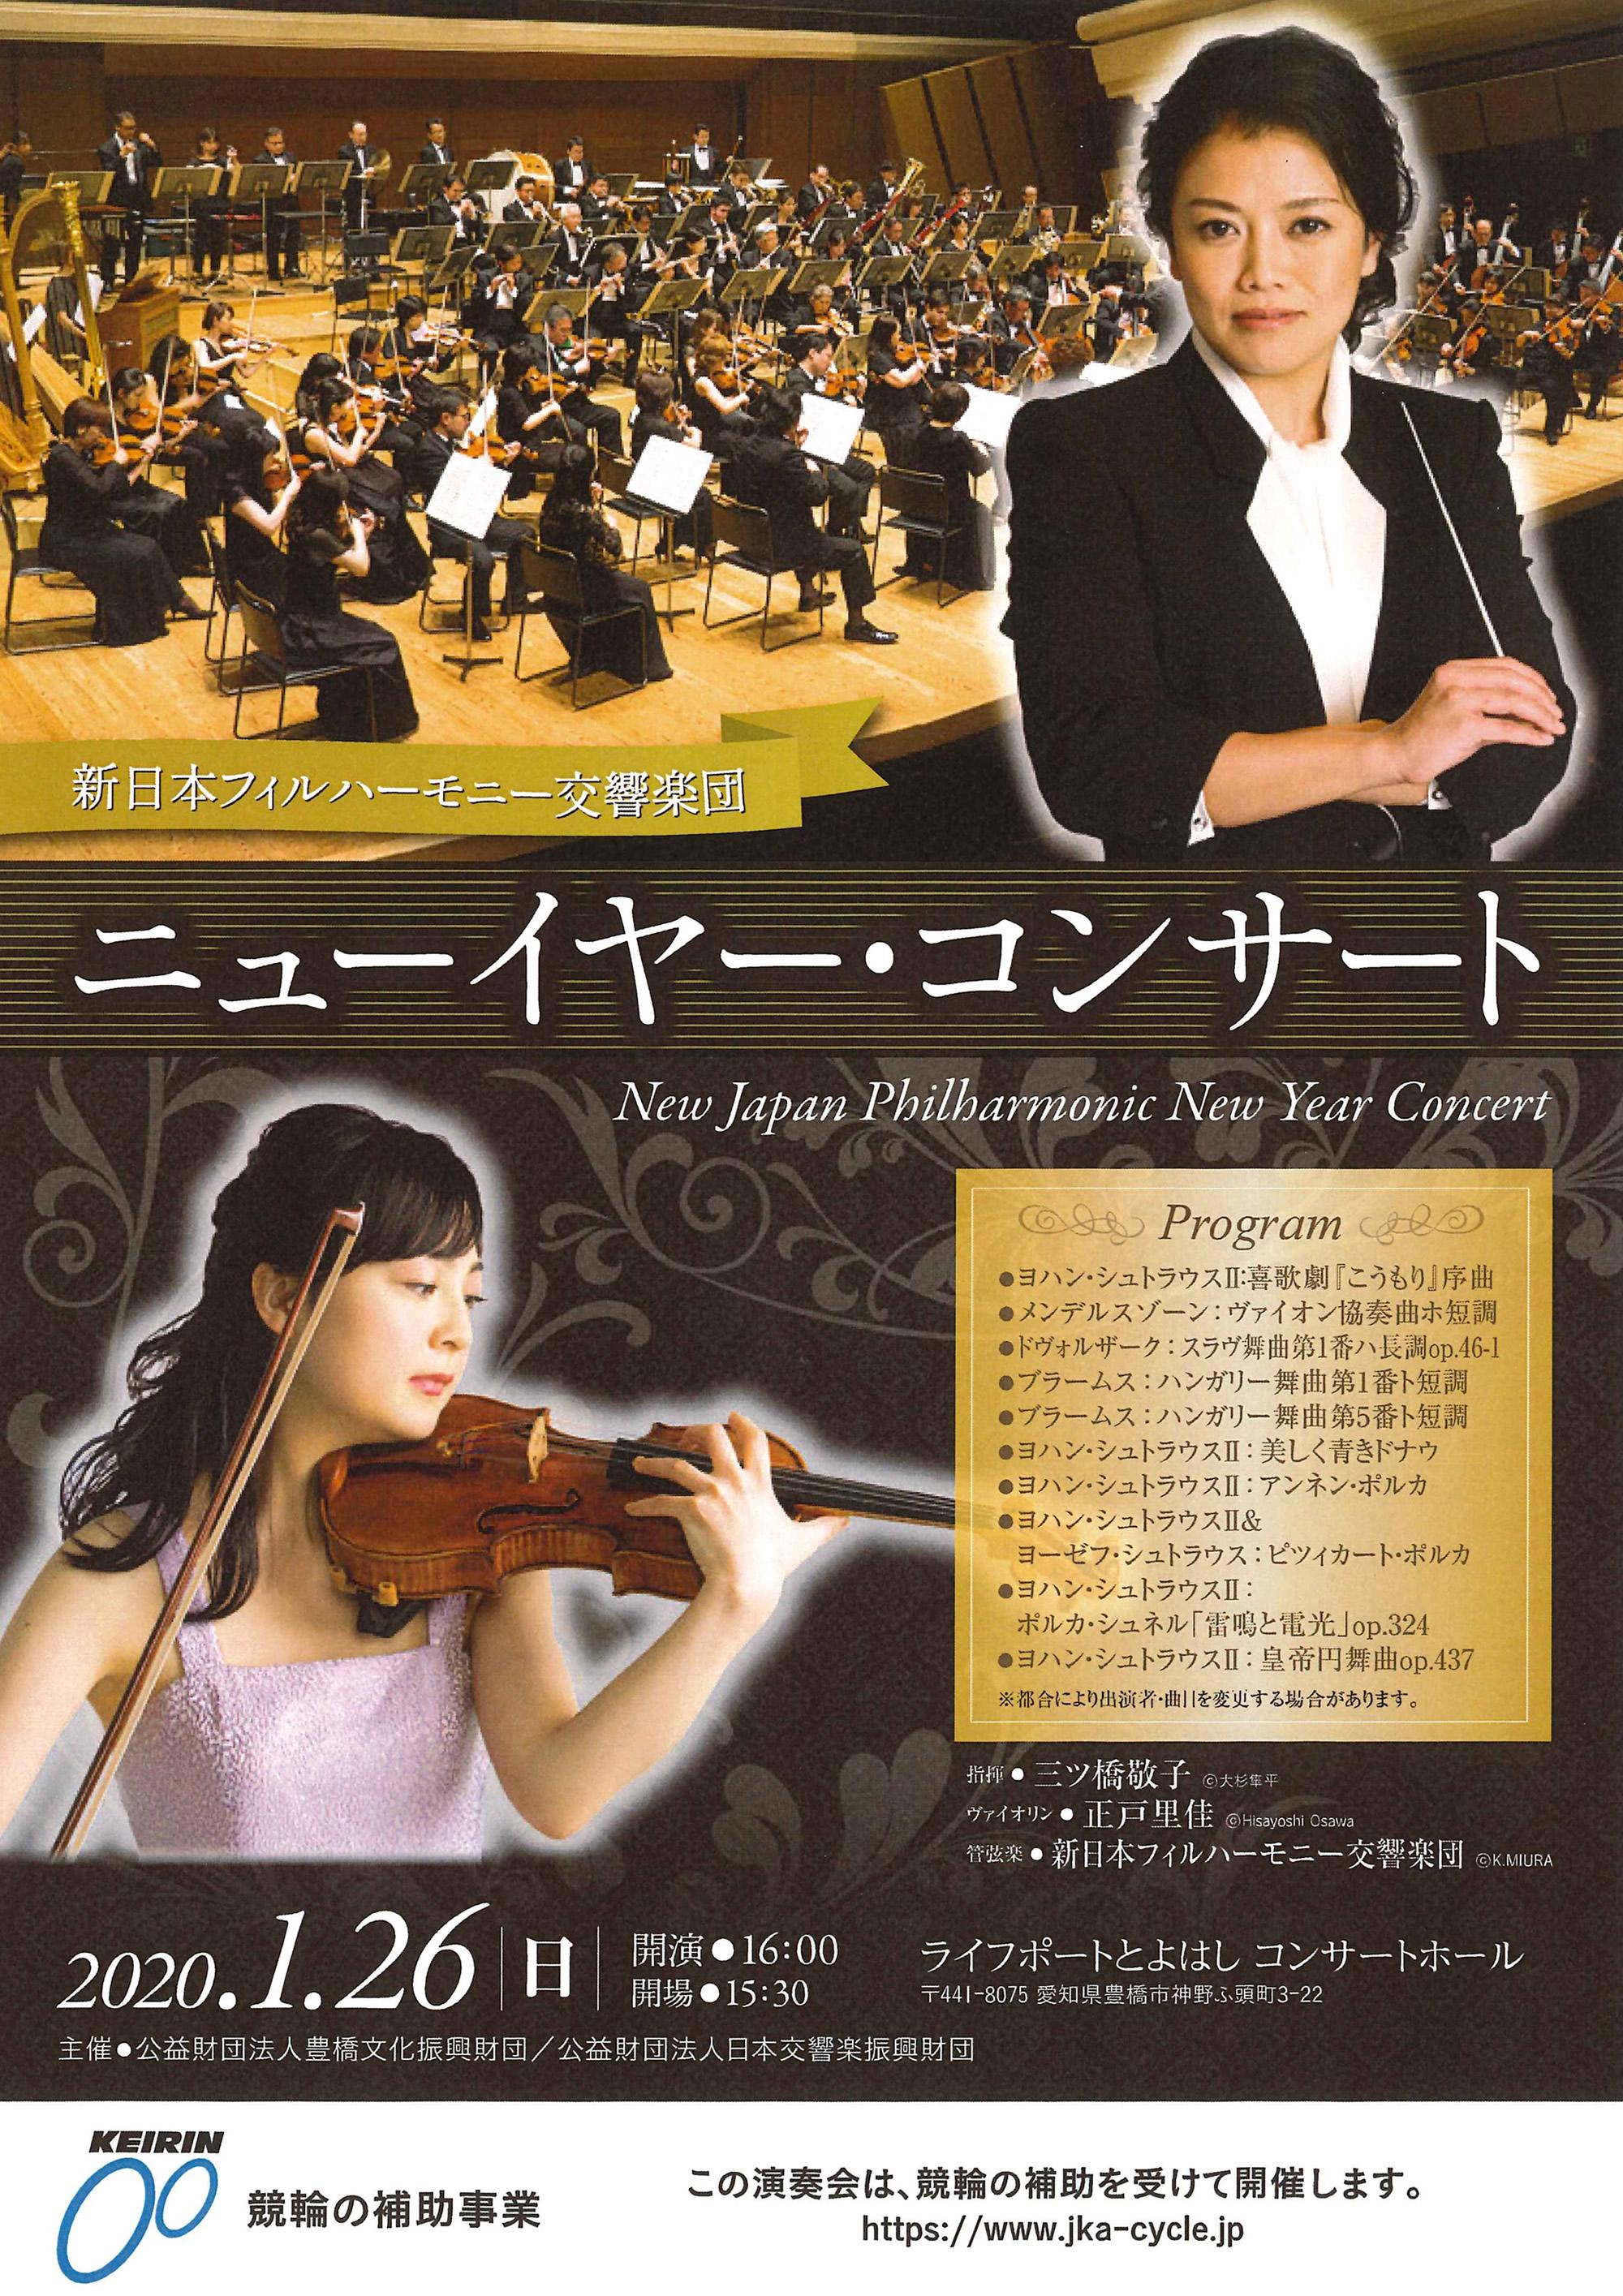 新日本フィルハーモニー交響楽団 ニューイヤー・コンサート